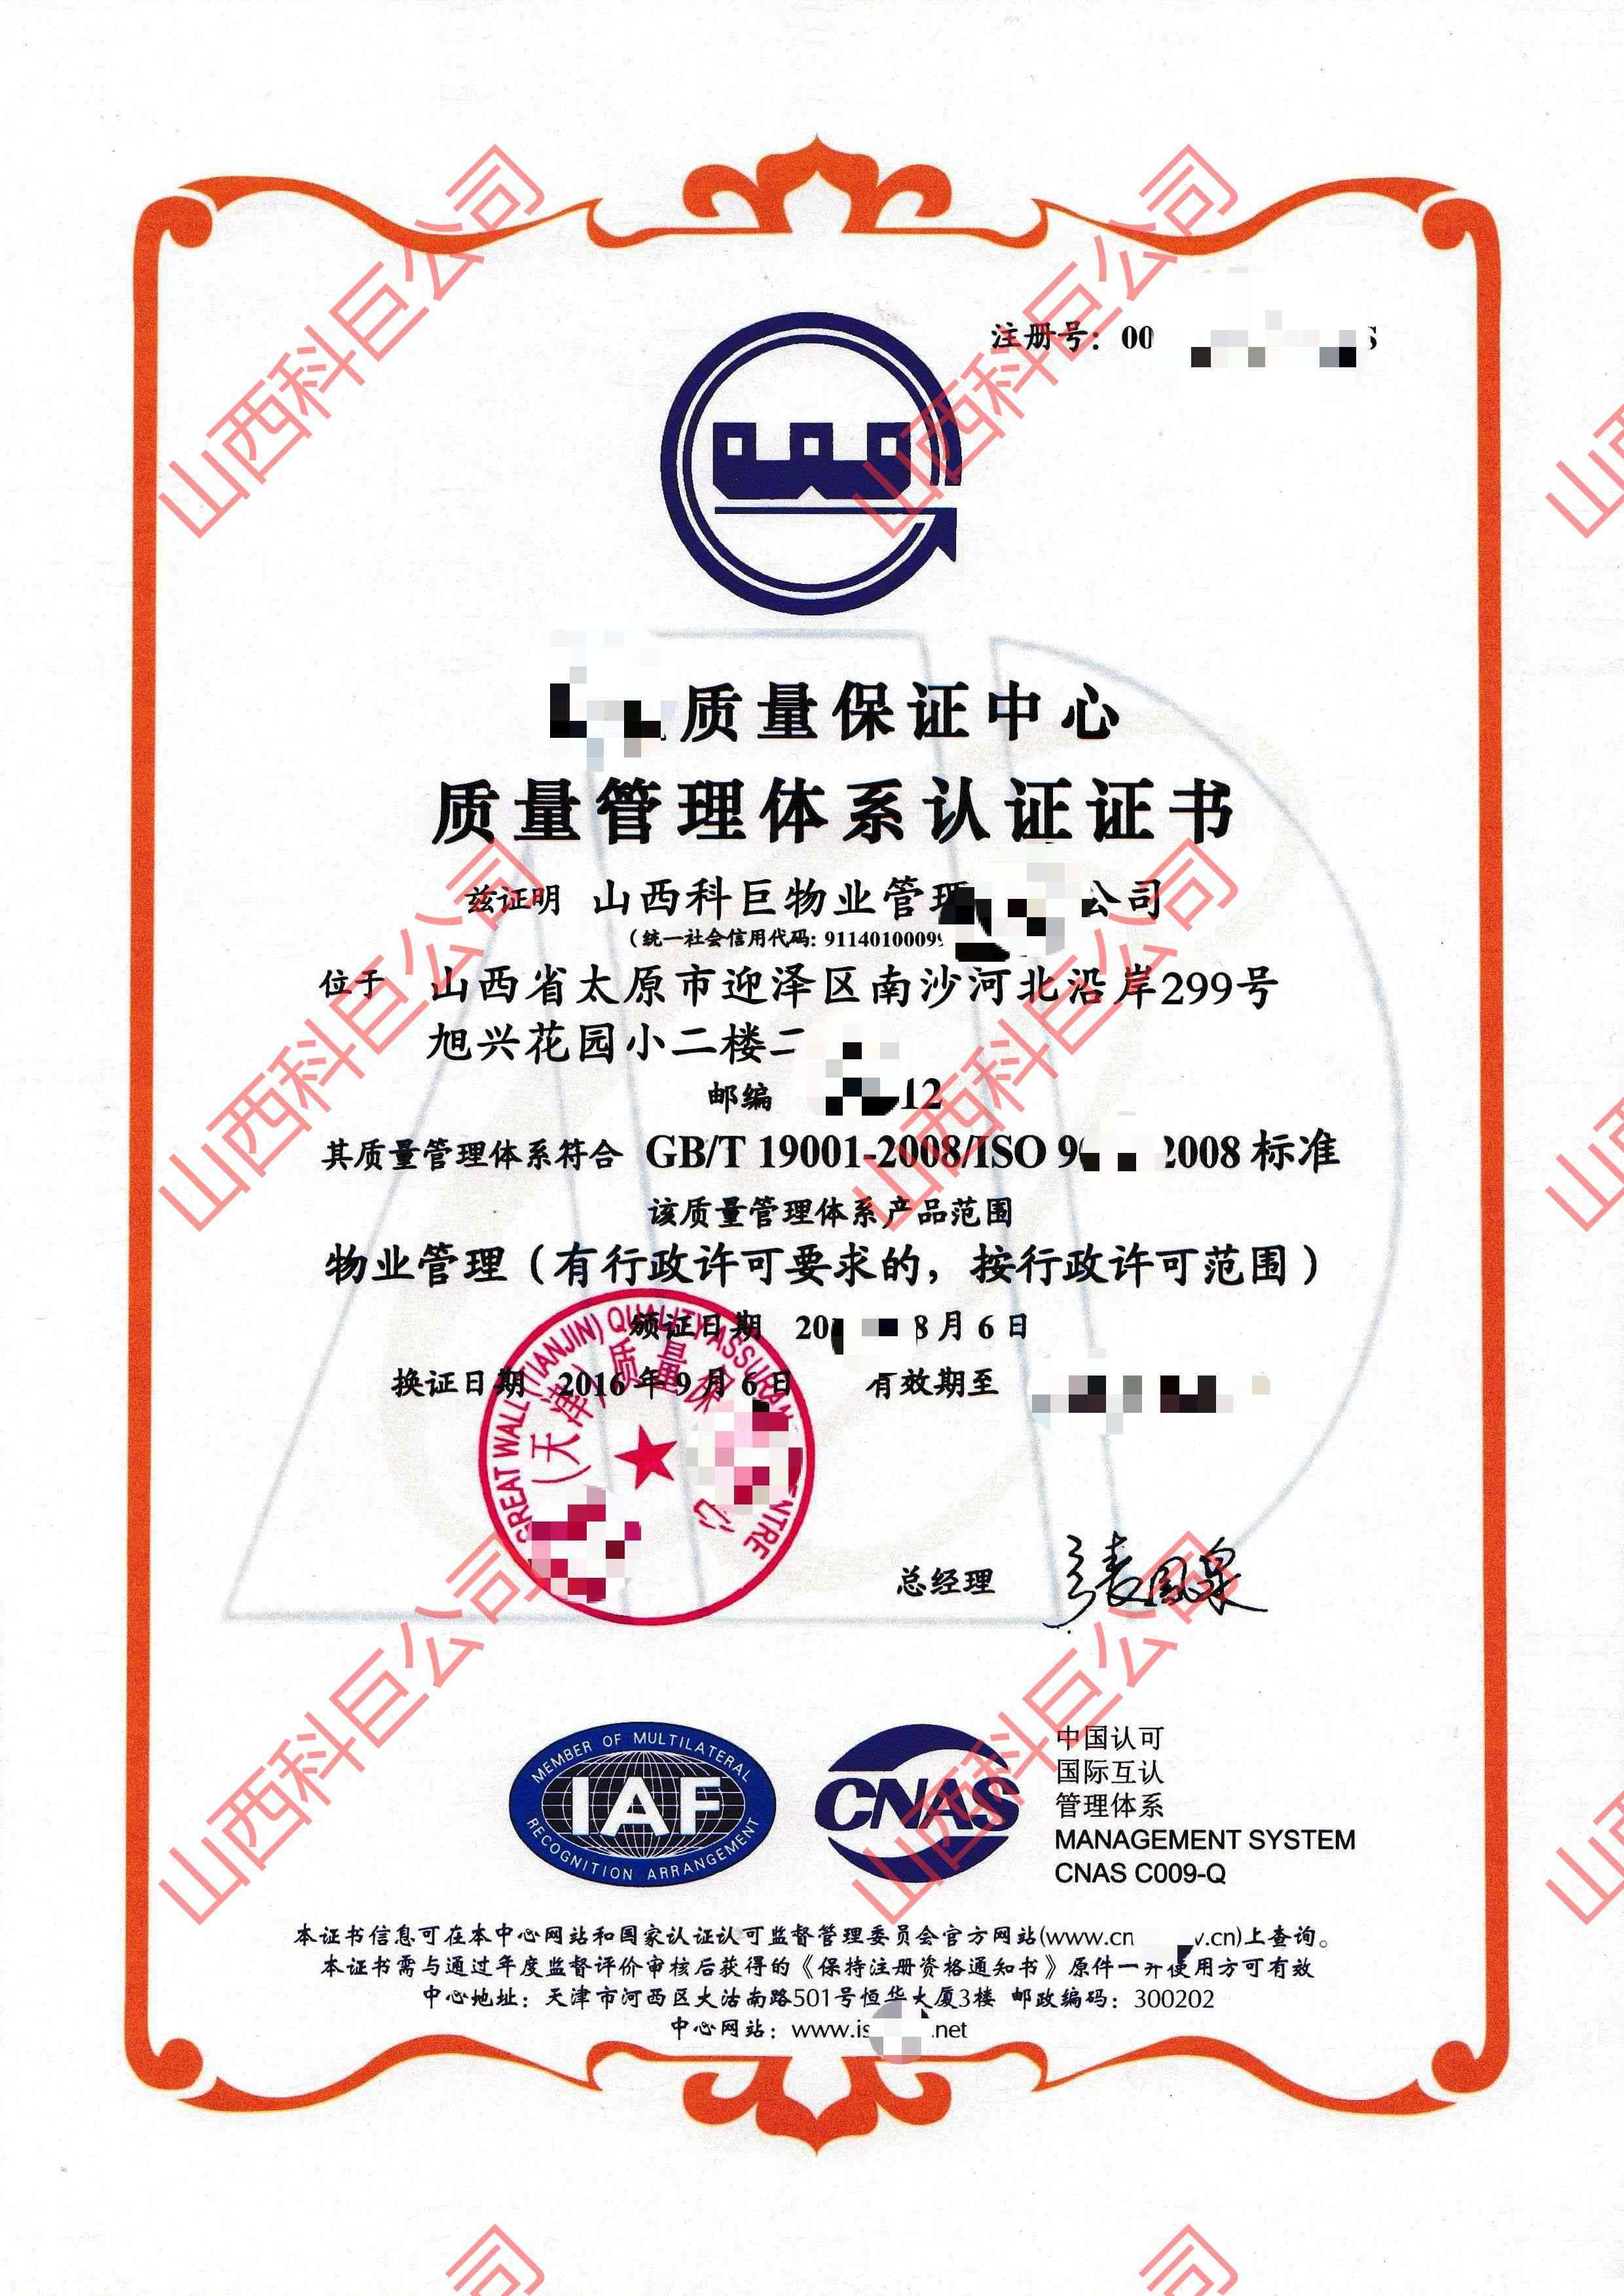 物業公司體系認證